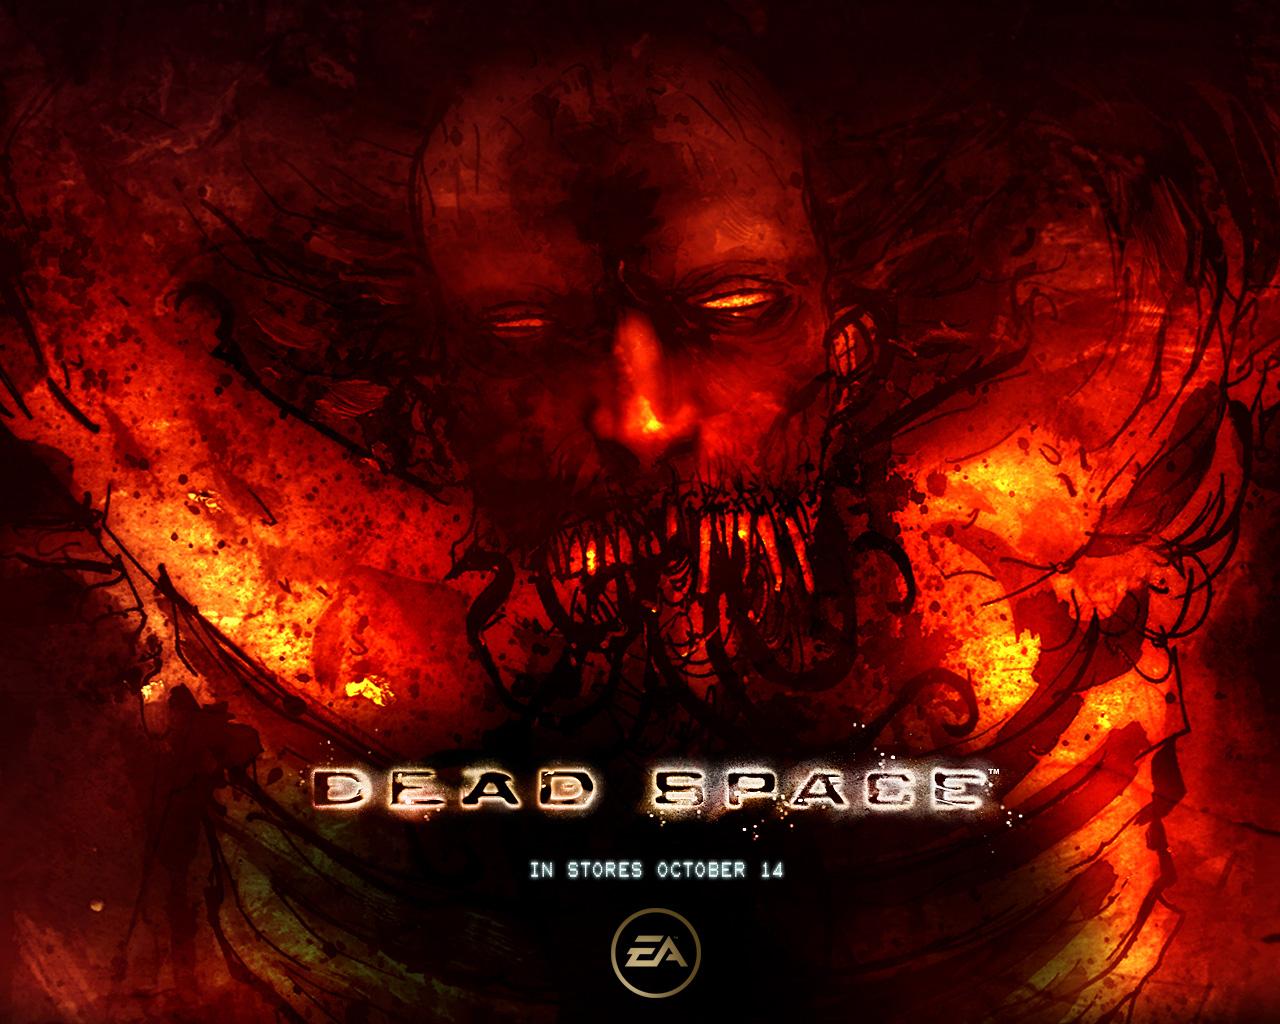 Dead Space Wallpaper in 1280x1024 1280x1024